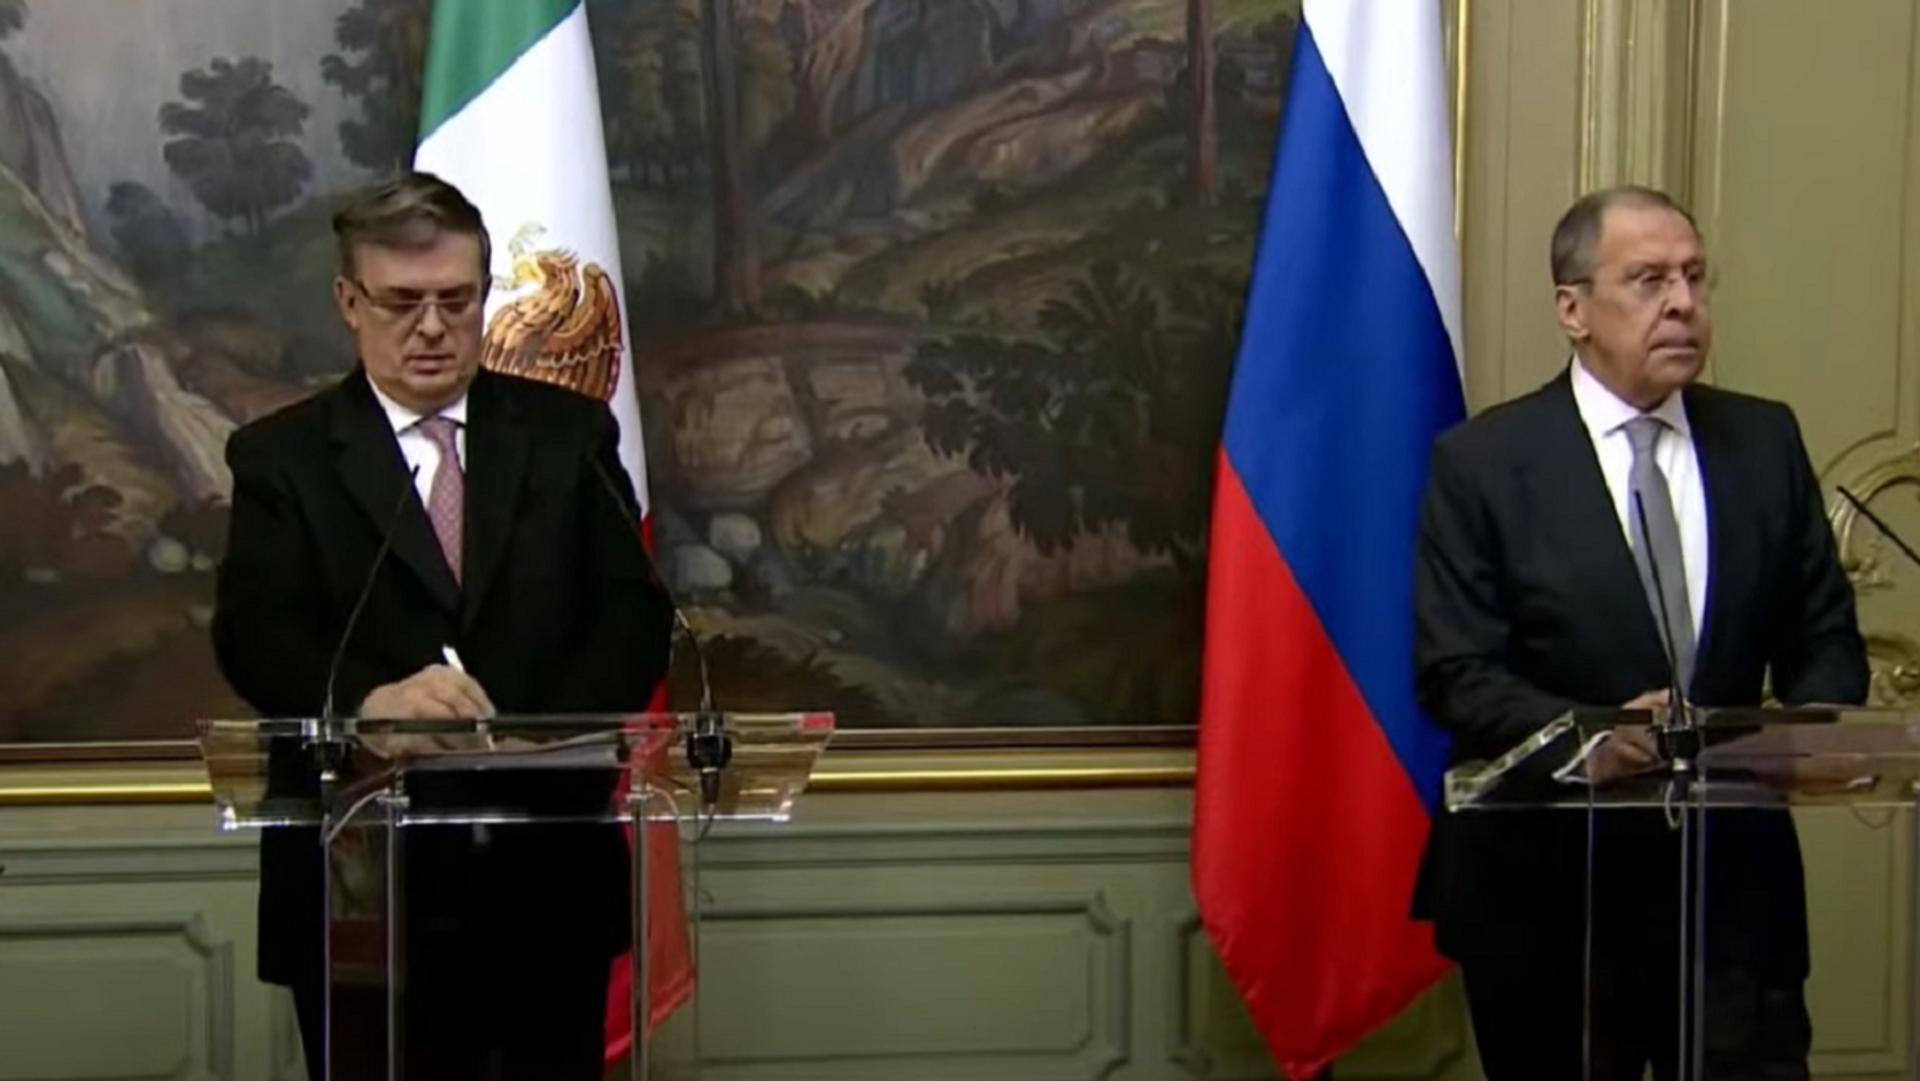 El ministro de Exteriores ruso, Serguéi Lavrov, y su homólogo mexicano, Marcelo Ebrard, sostienen rueda de prensa conjunta tras celebrar una reunión bilateral el 28 de abril en Moscú - Sputnik Mundo, 1920, 28.04.2021